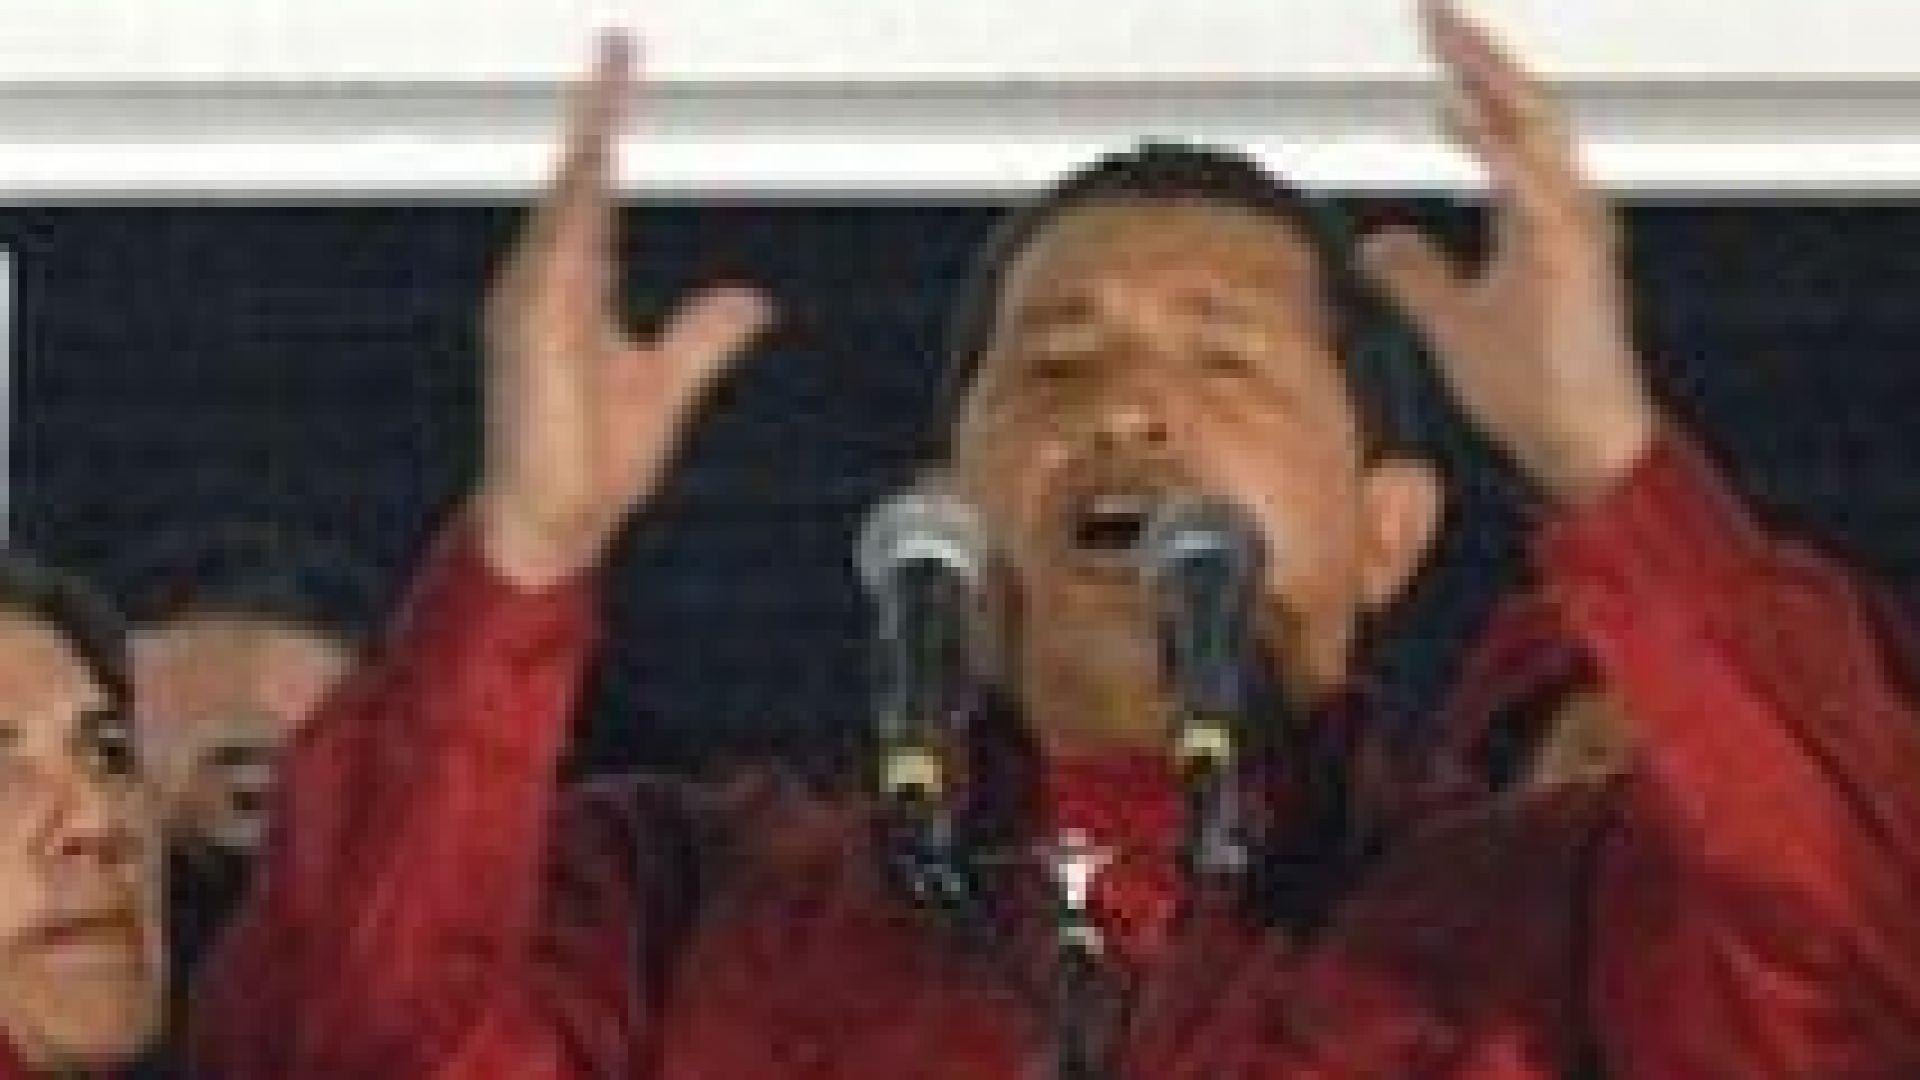 За $1 във Венецуела 7 млн. л бензин или 1.5 л Кока кола